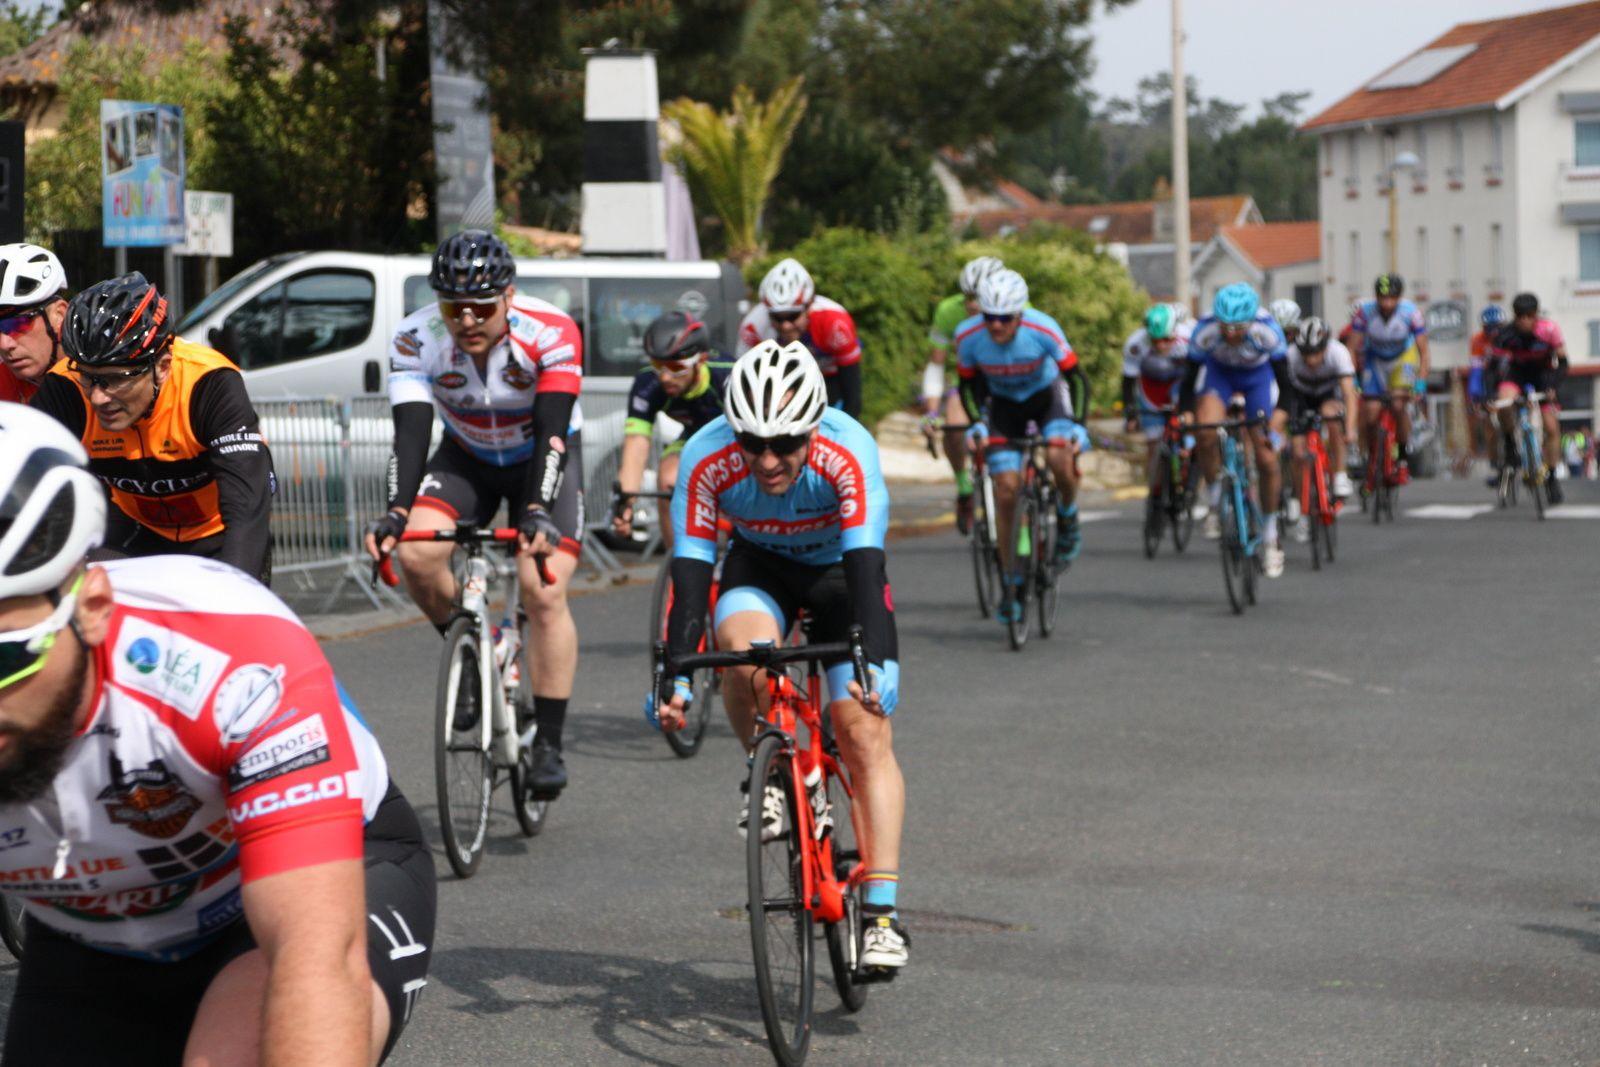 Aprés  un  nouveau  regoupement  c'est  Stéphane  BOIRIVANT  et  Franck  LEBOEUF  qui  sortent  à  2  tours  de  l'arrivée